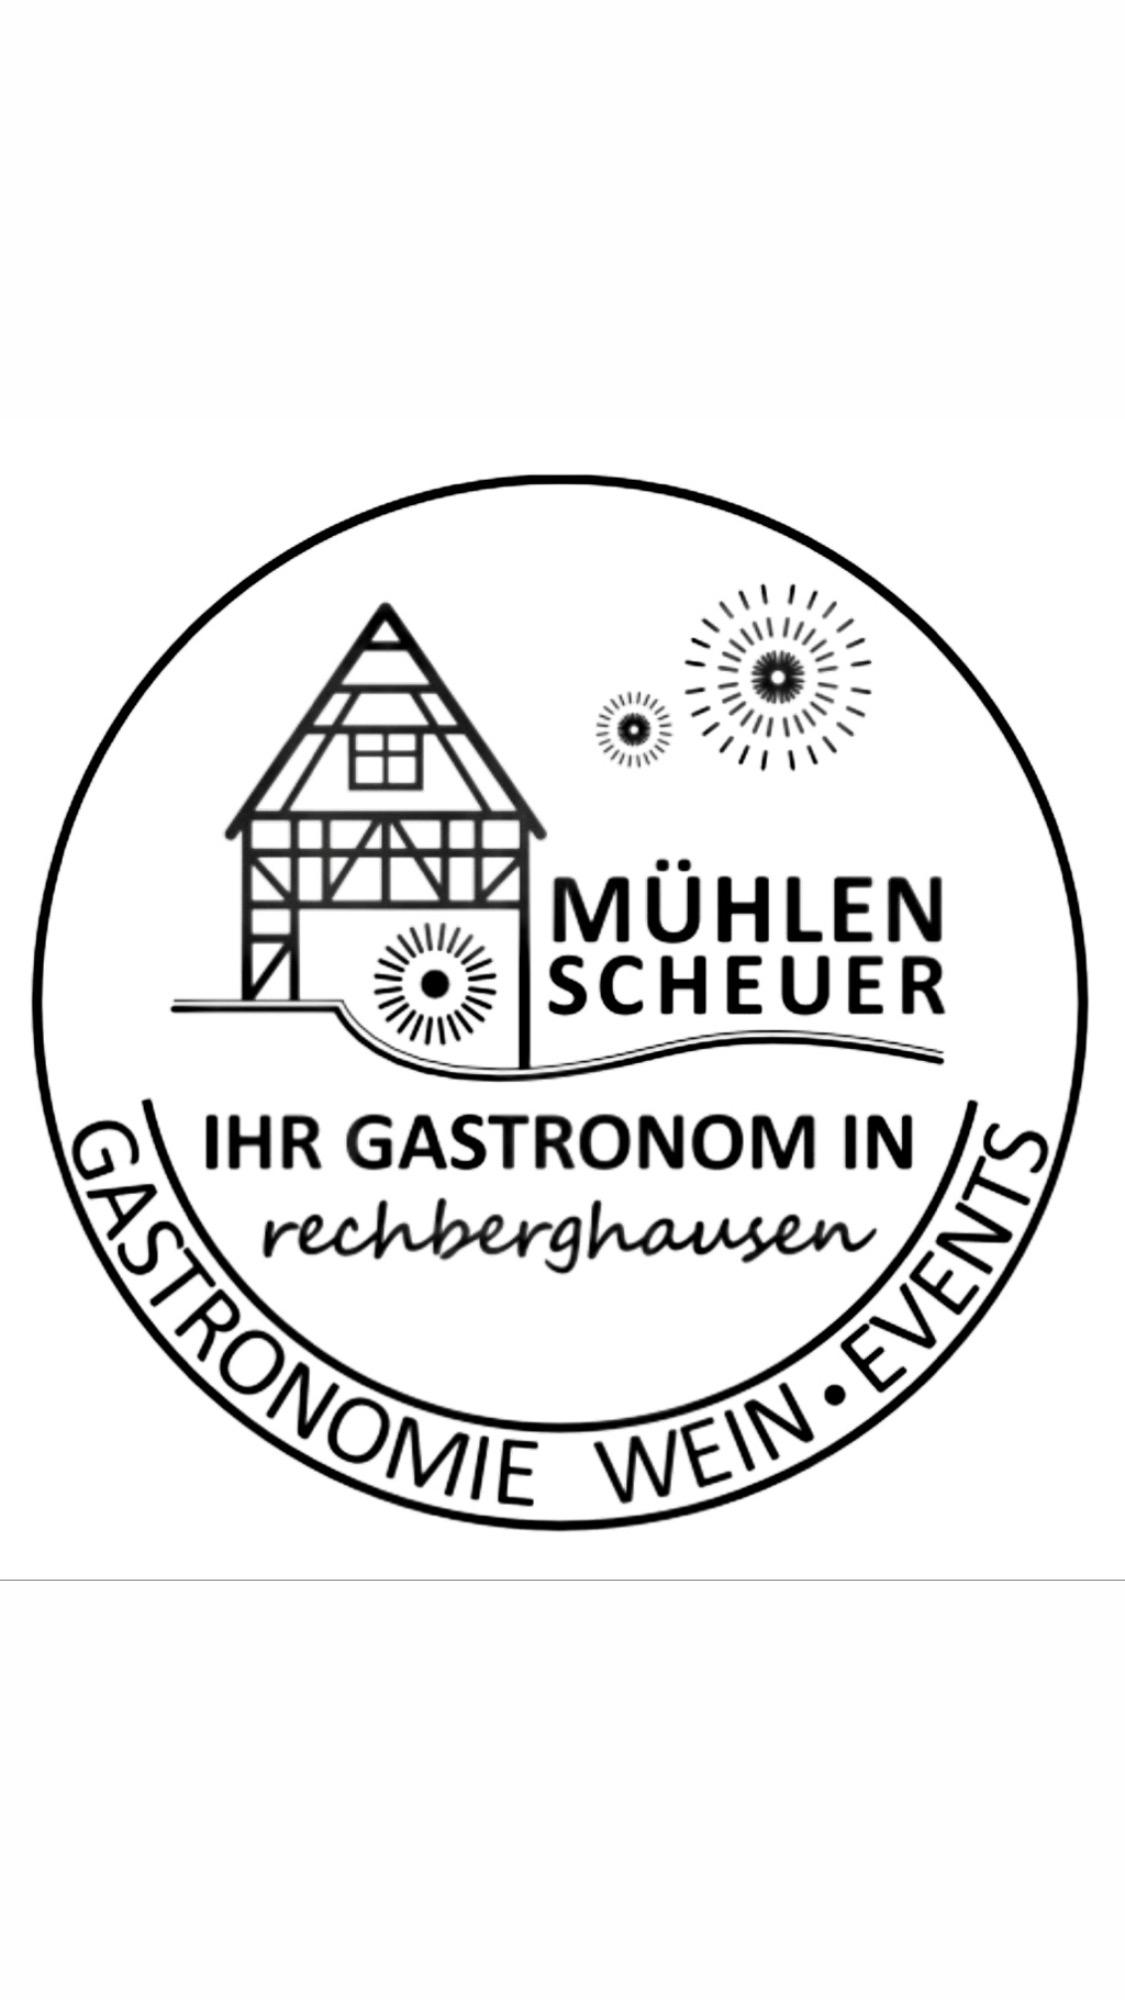 Bild zur Nachricht von Restaurant Mühlen Scheuer